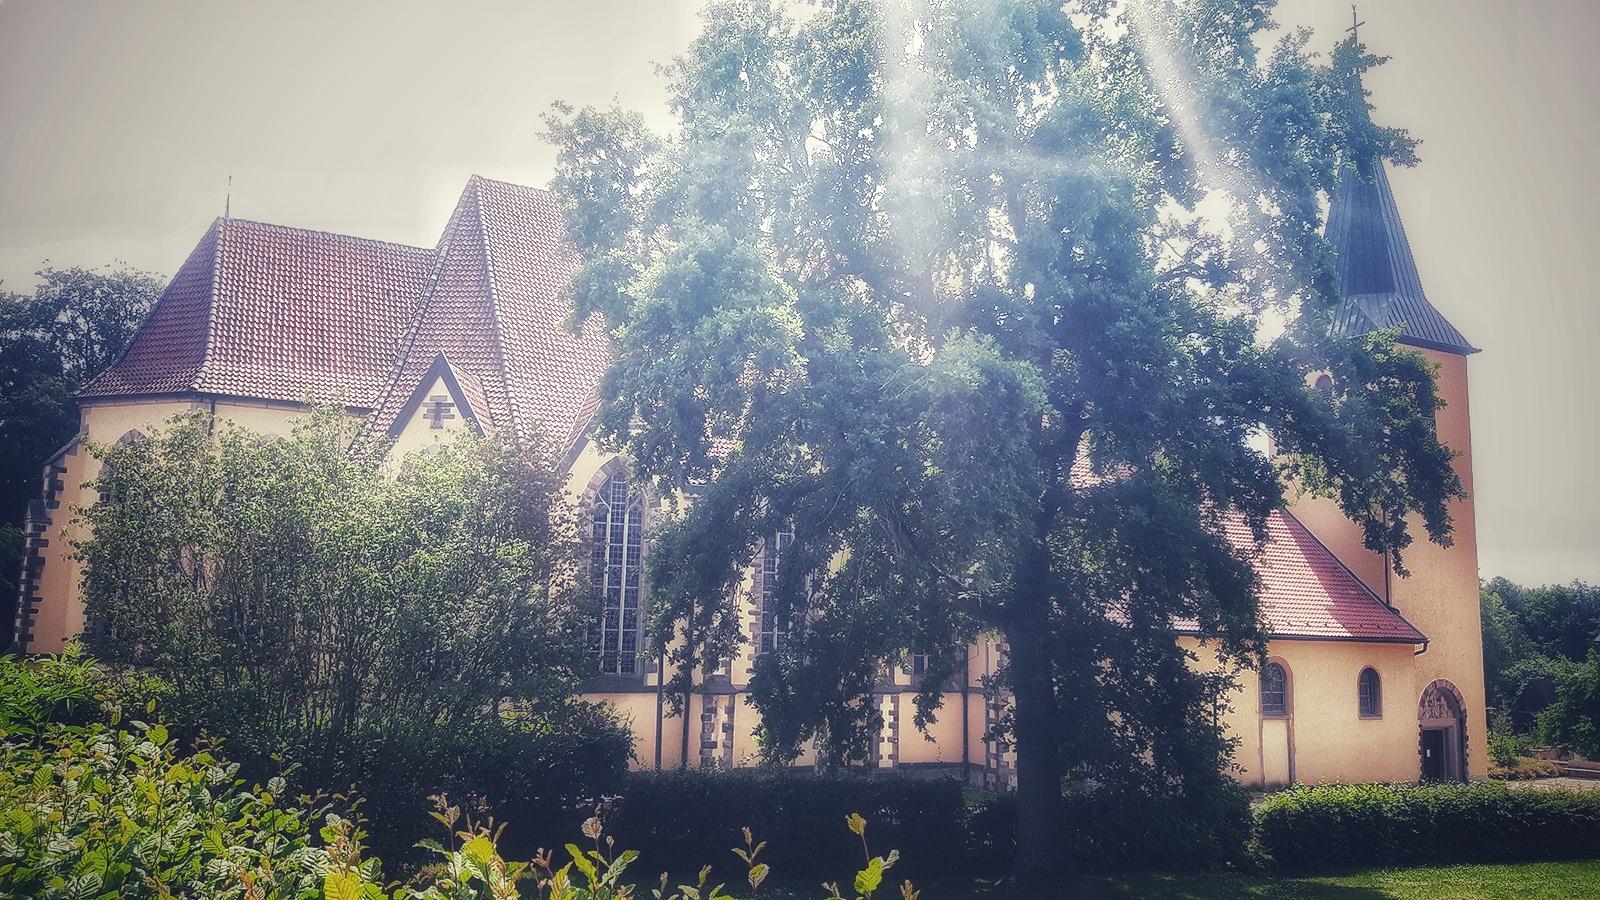 Wallfahrtskirche in Rulle